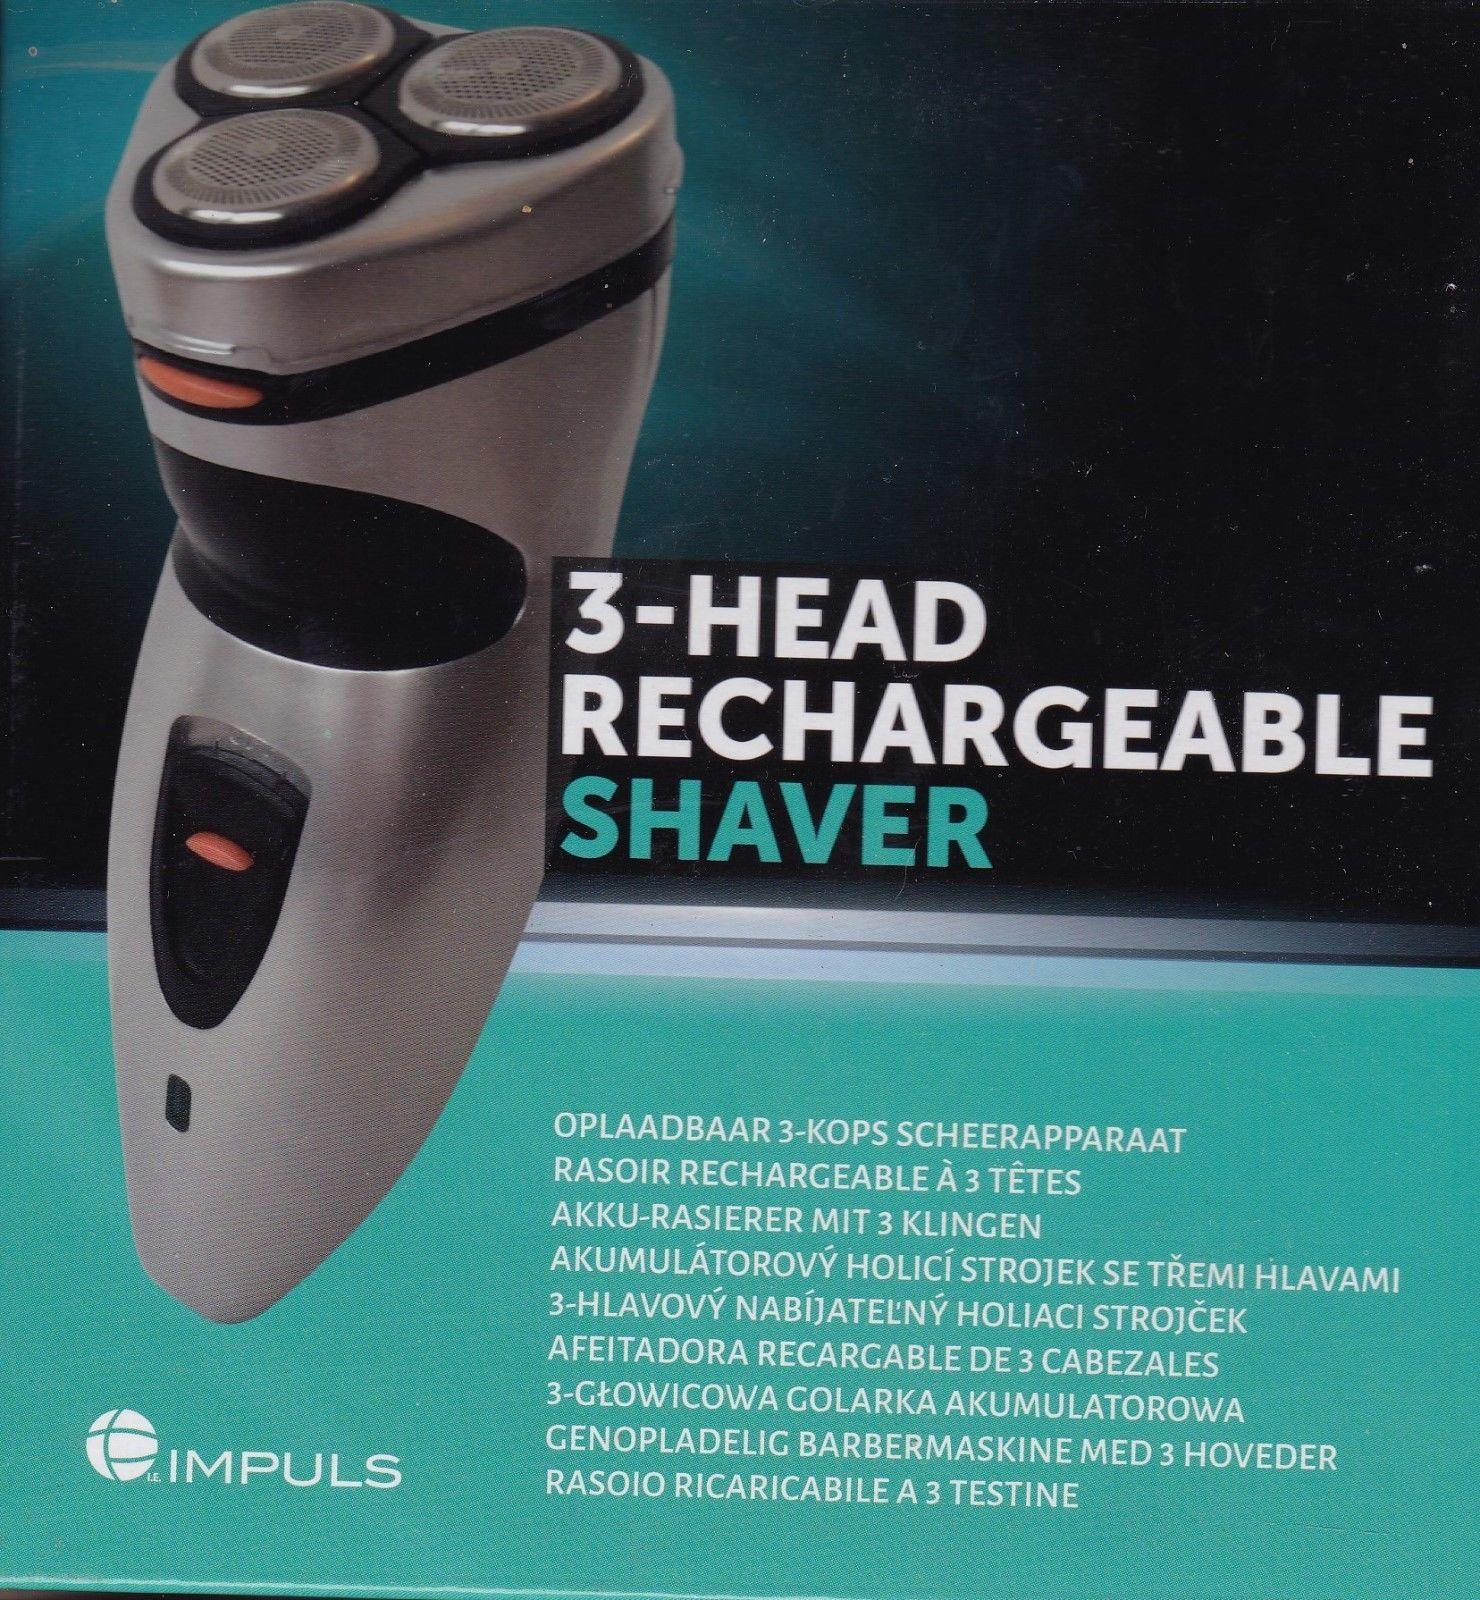 Impuls - Oplaadbaar 3-kops scheerapparaat @Action Overvecht